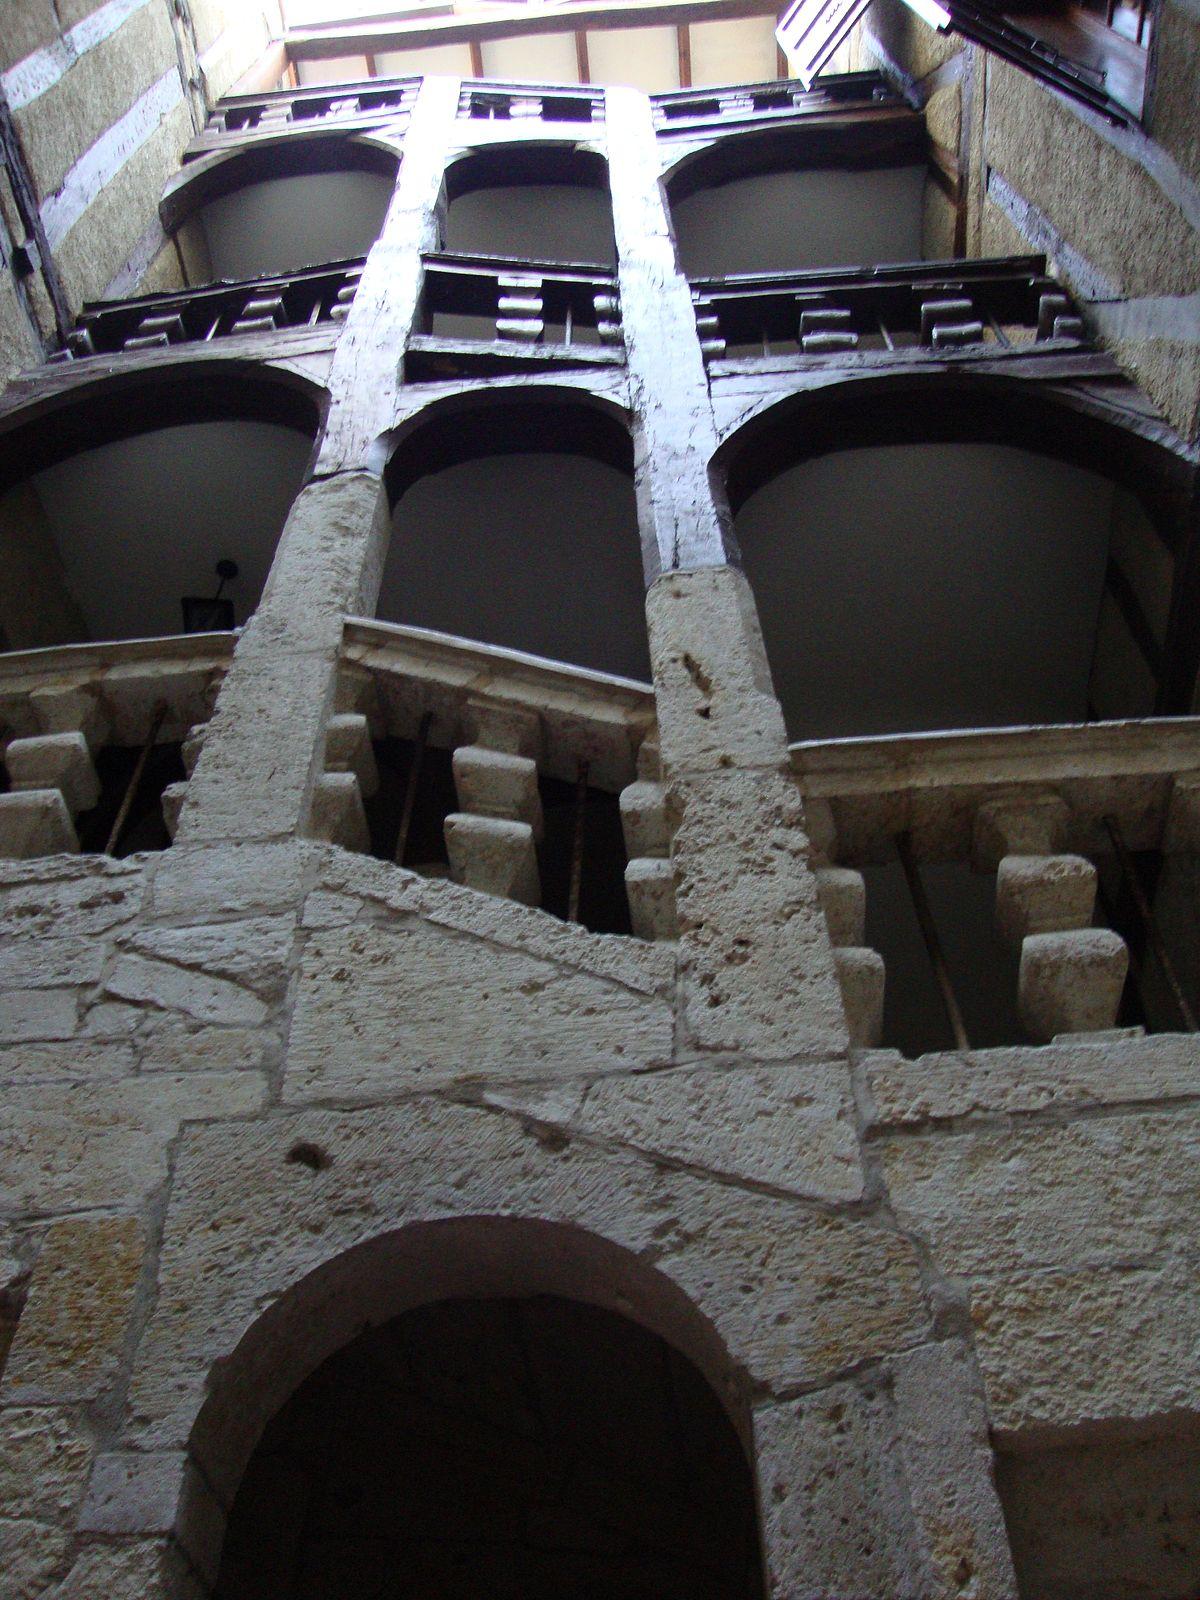 Escalier Dans La Maison file:auch (gers, fr) escalier de la maison henri iv